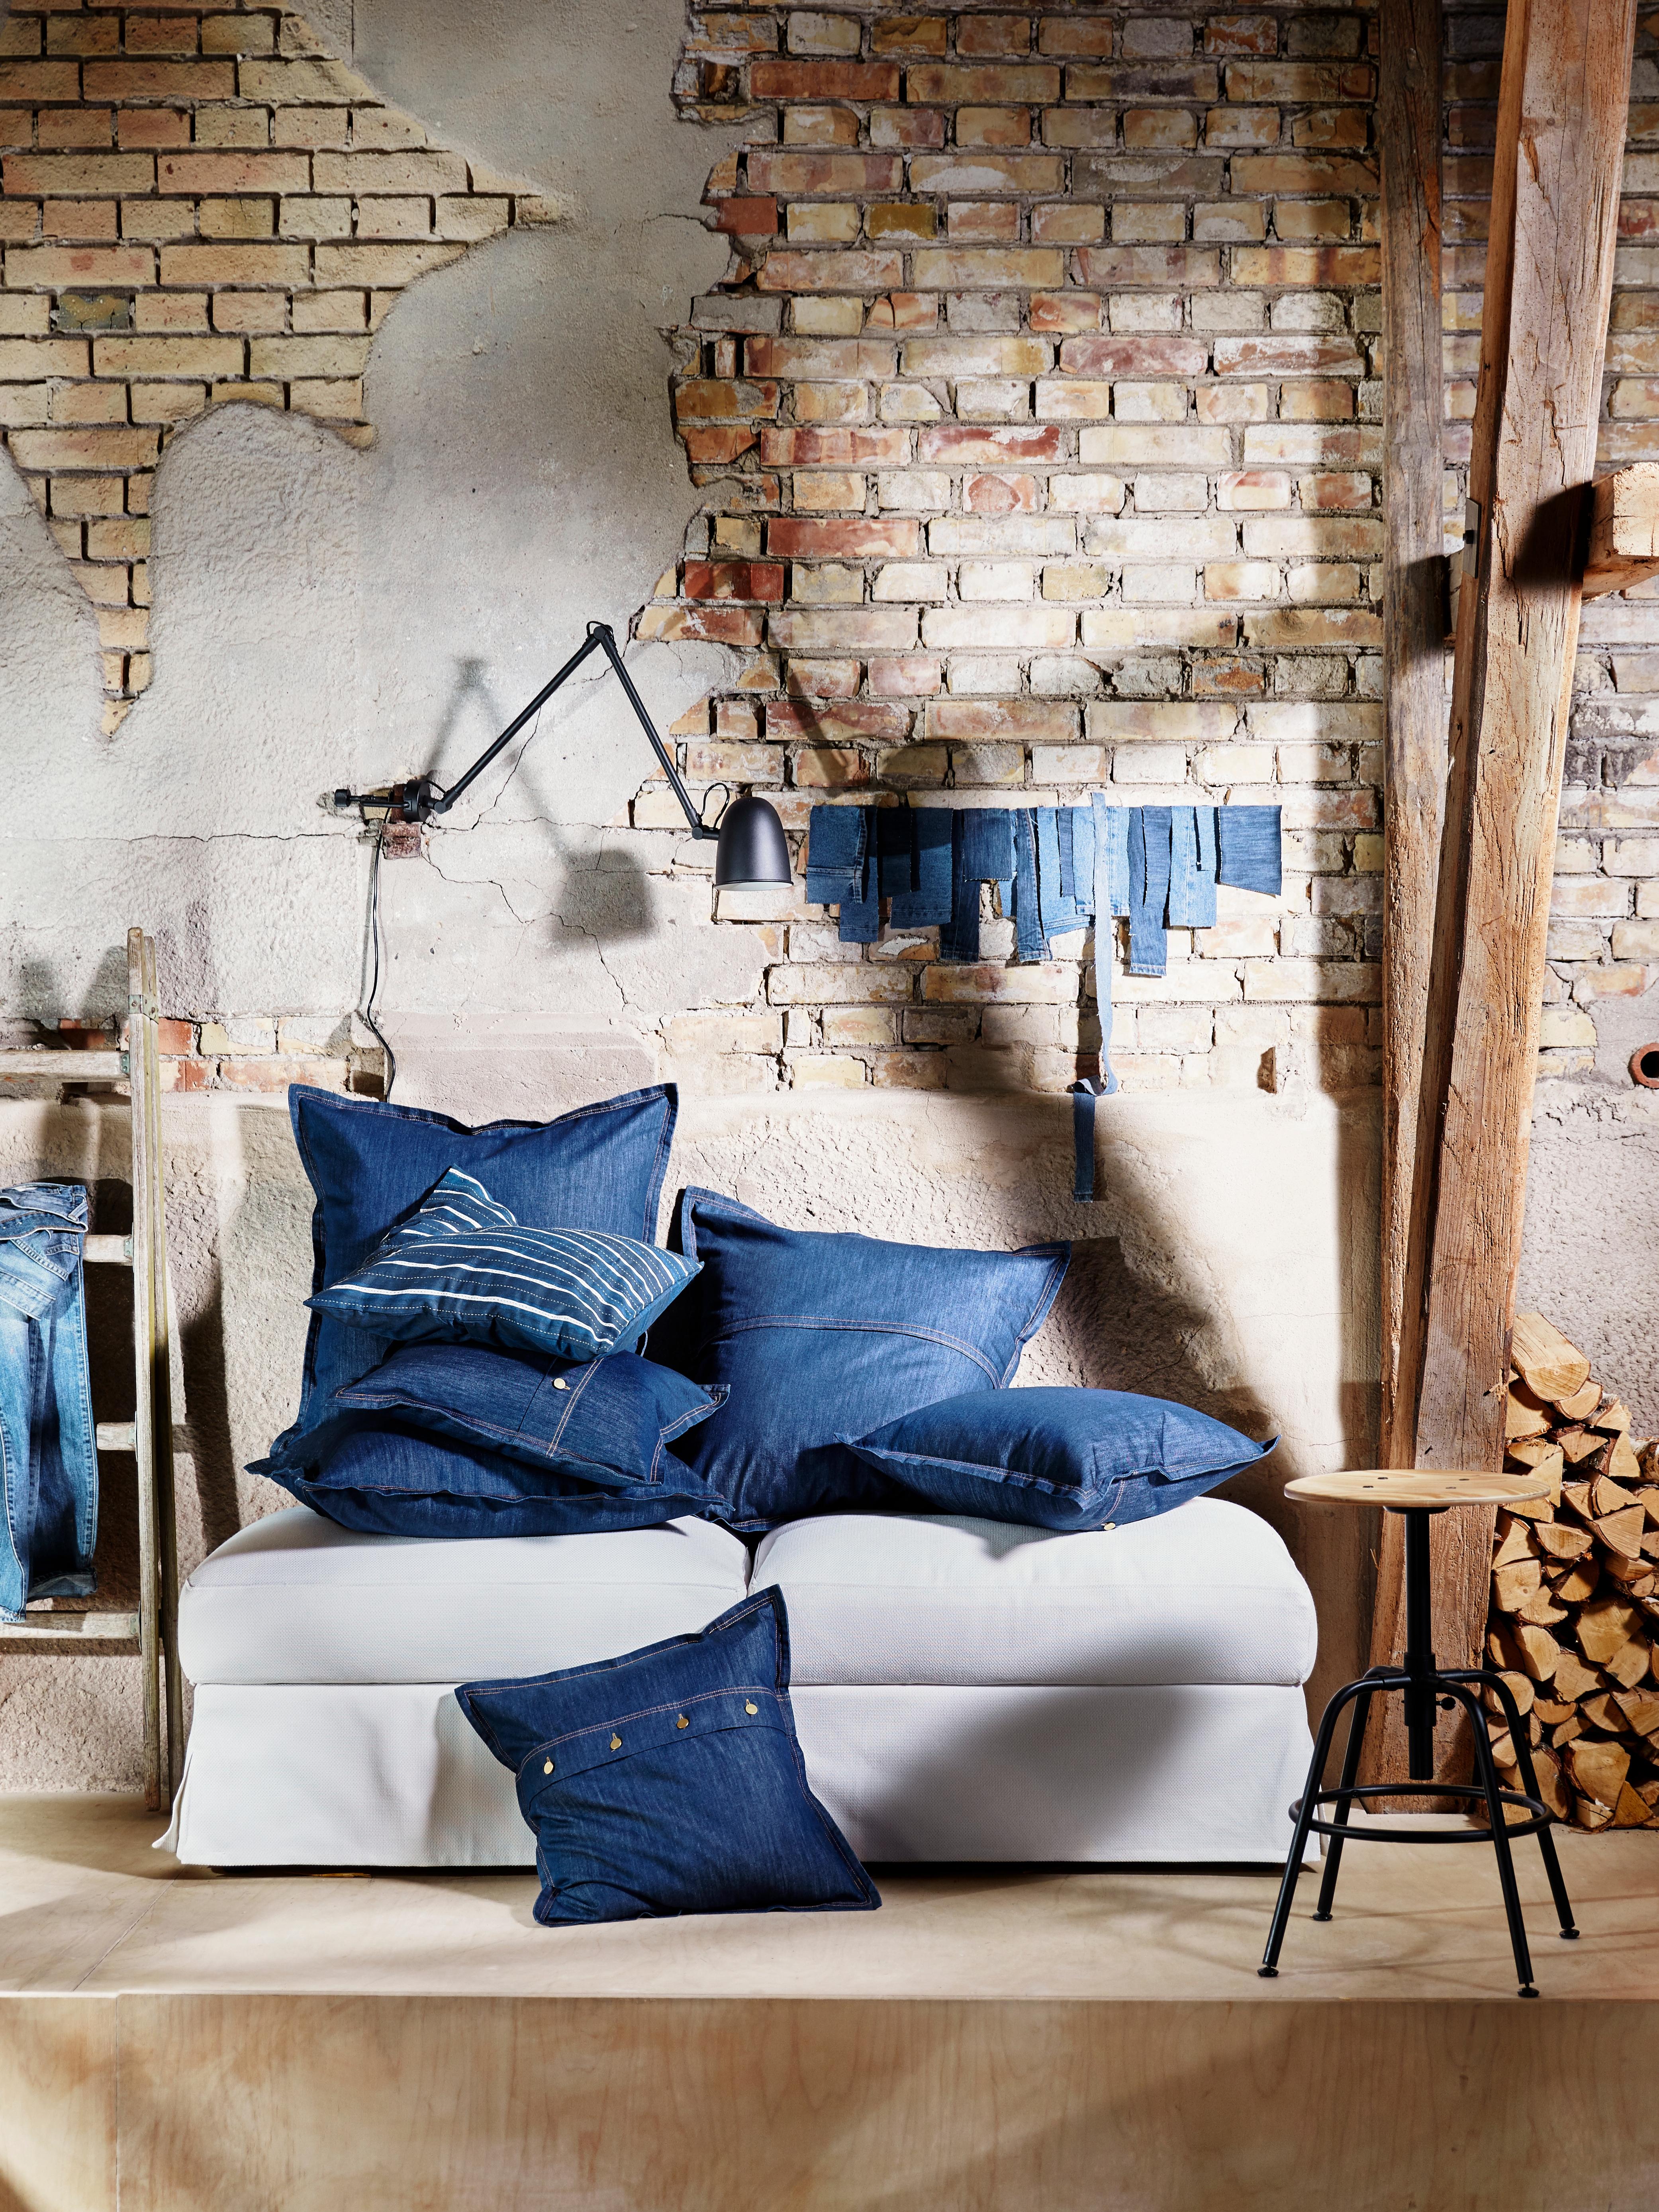 Sofa ispunjena SISSIL ukrasnim jastučnicama i tkaninom od obojenog plavog trapera, ispred visokog zida od opeke s deblima.